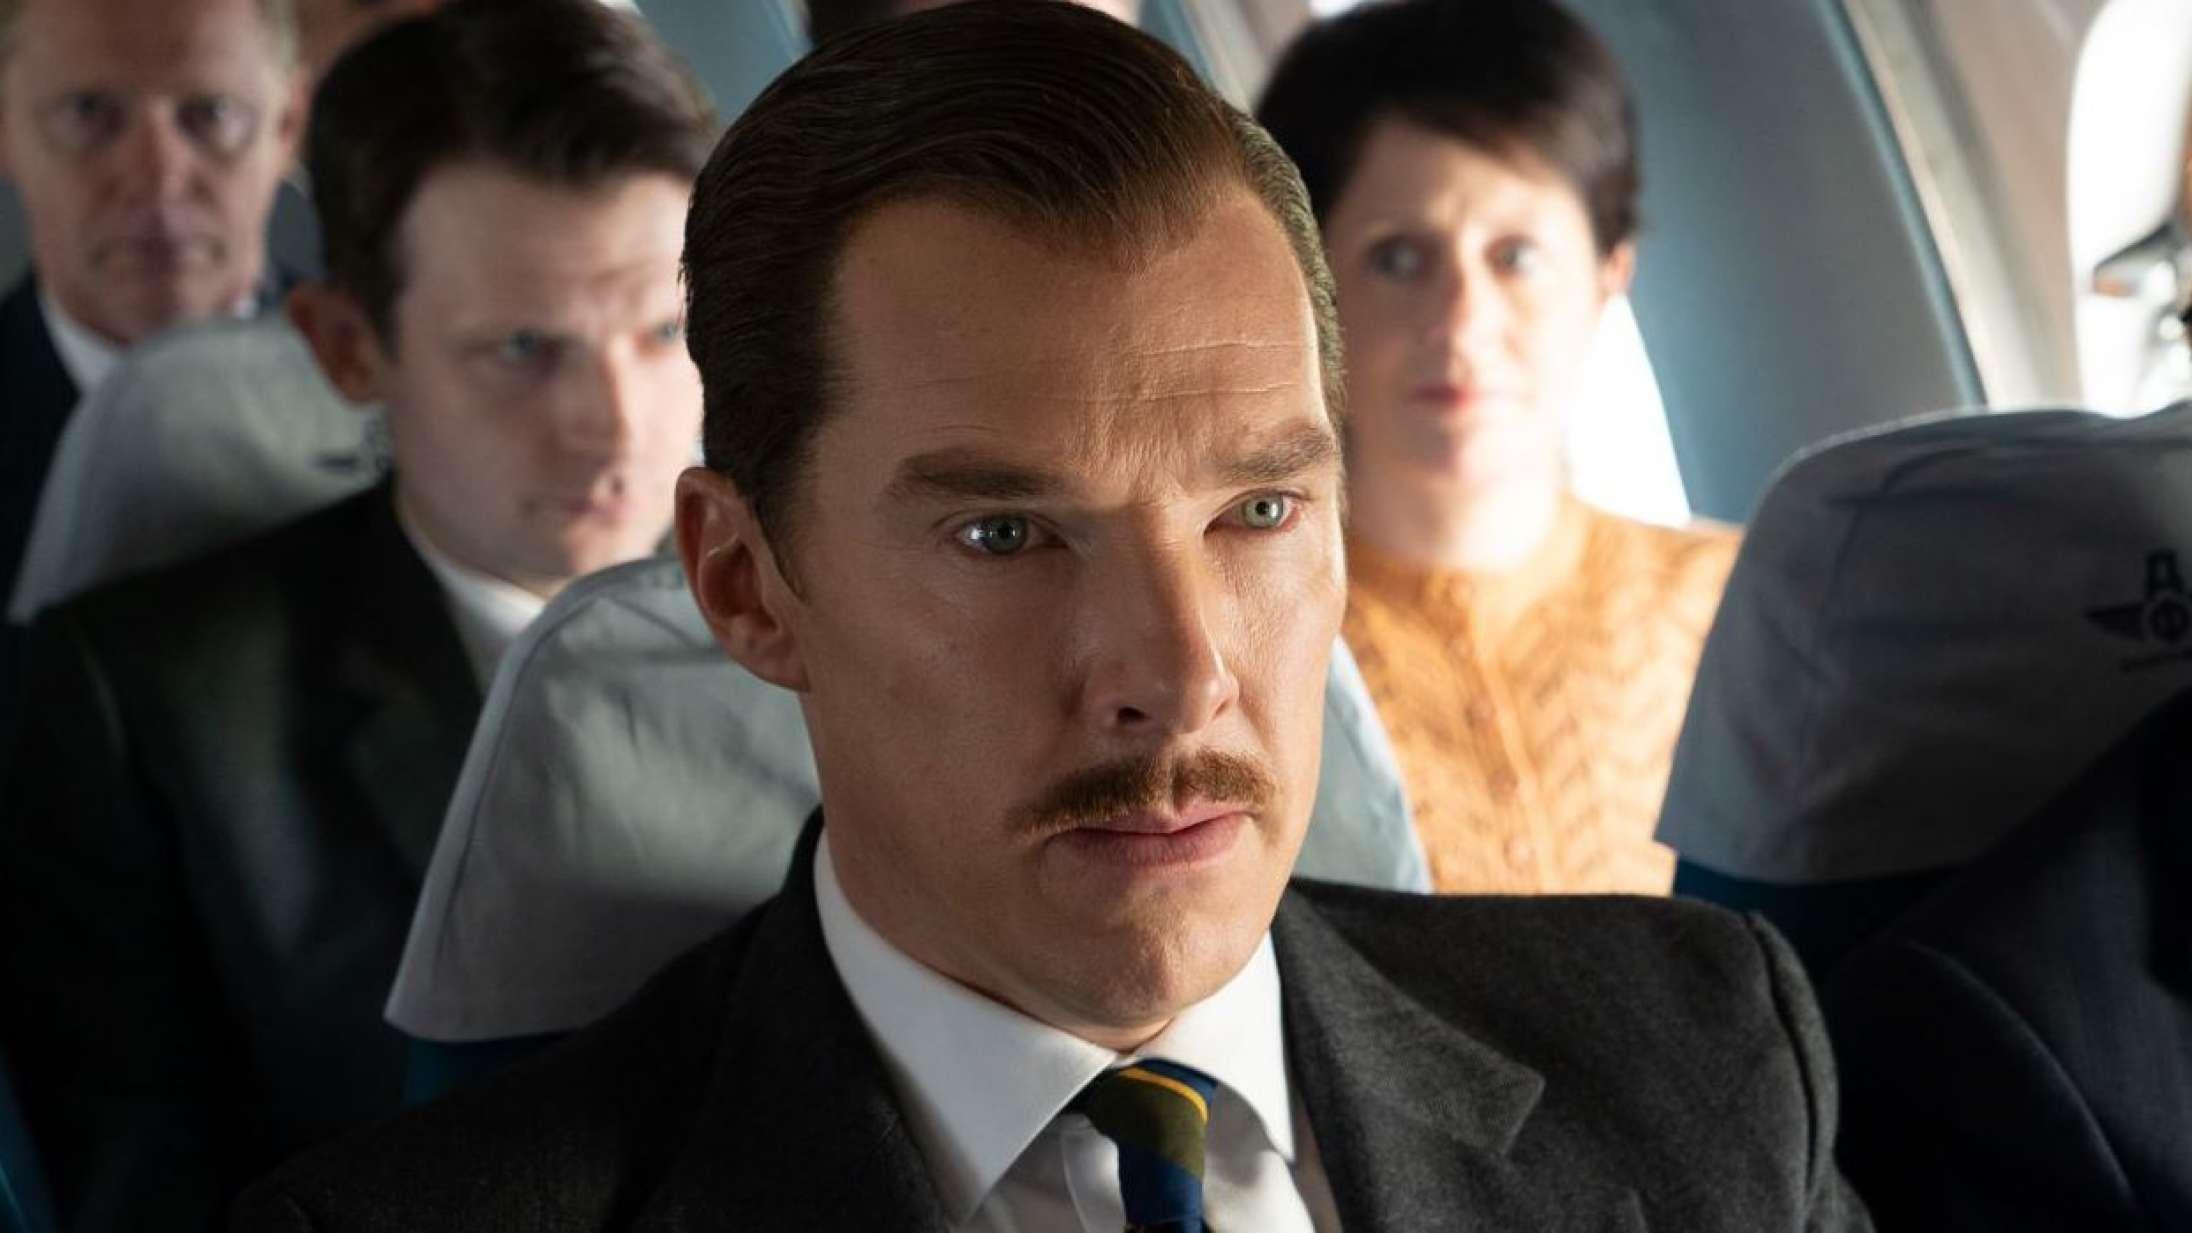 'Den gode spion': Benedict Cumberbatch storspiller i stilsikkert spiondrama om to glemte helte